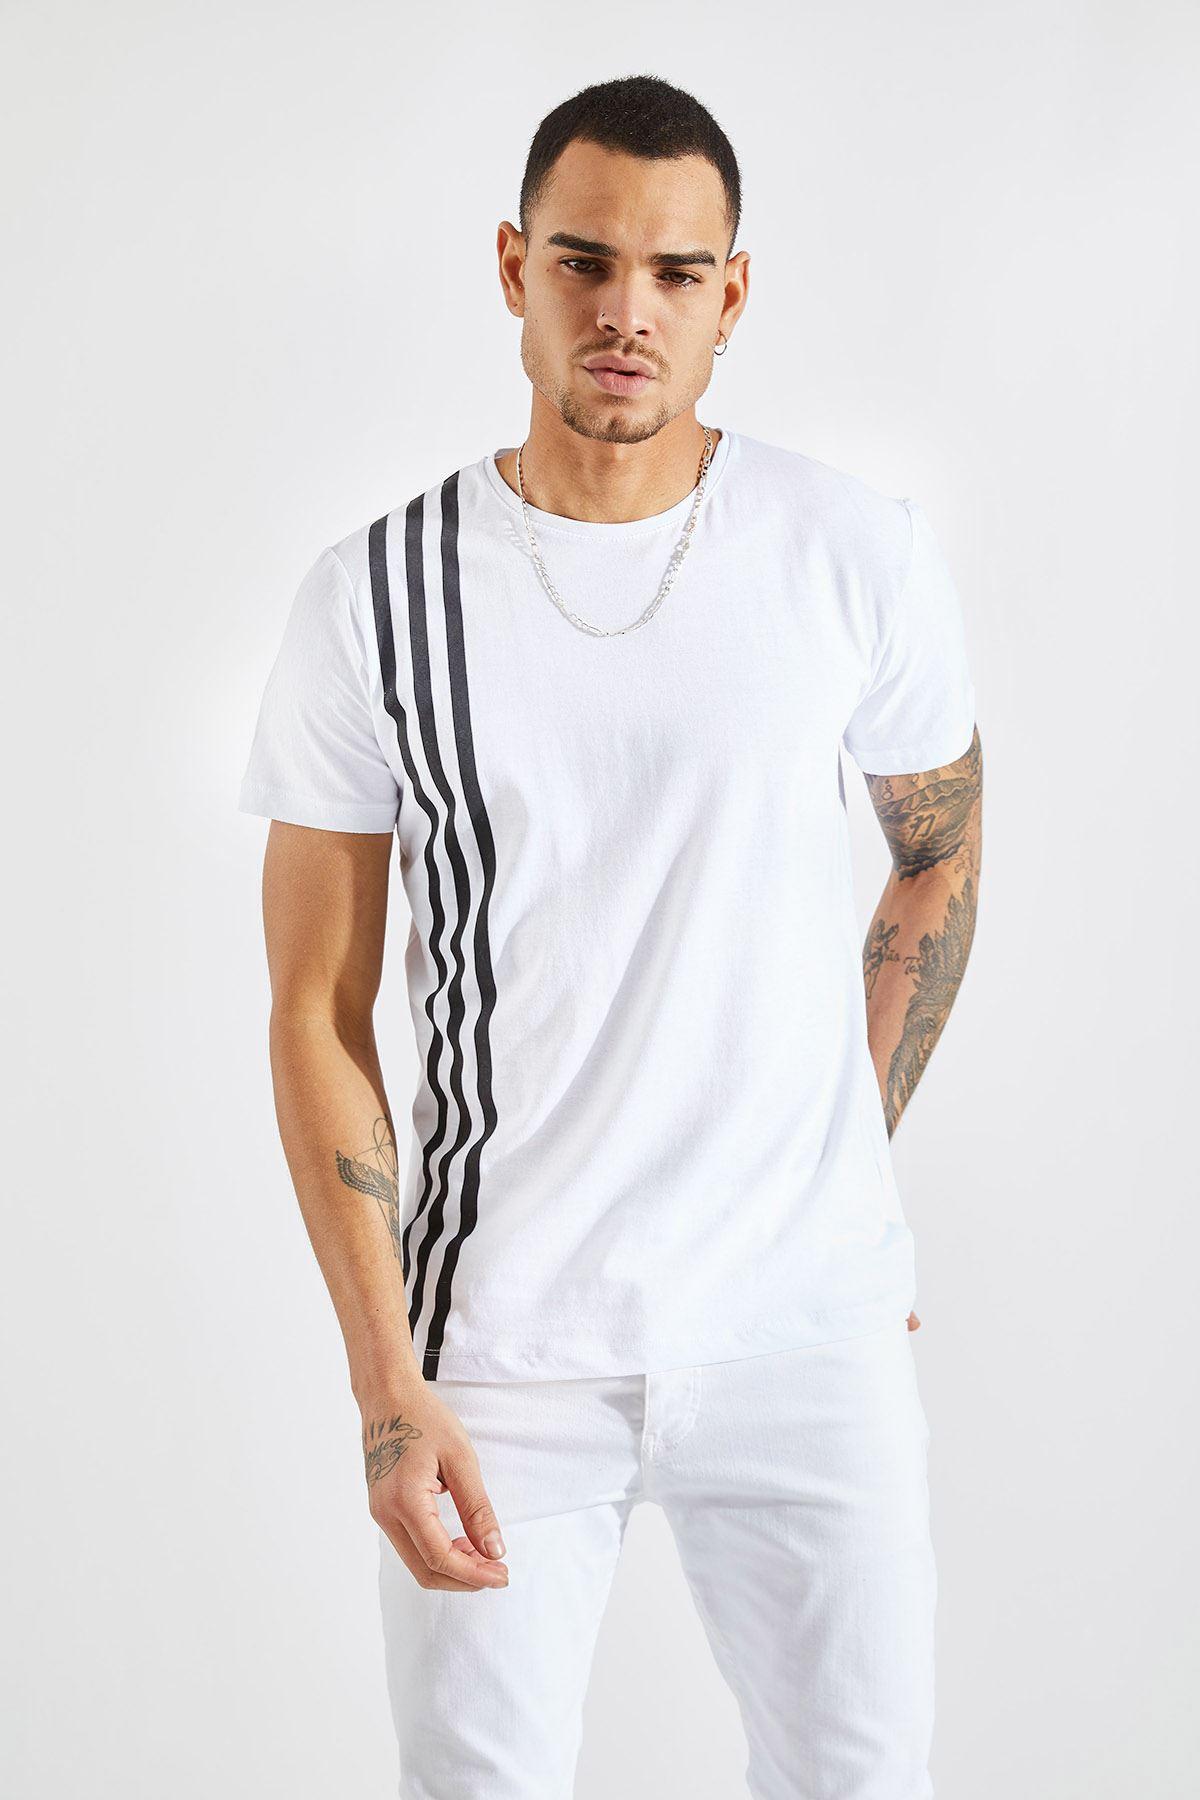 Erkek Üç Çizgi Baskılı Beyaz Tişört